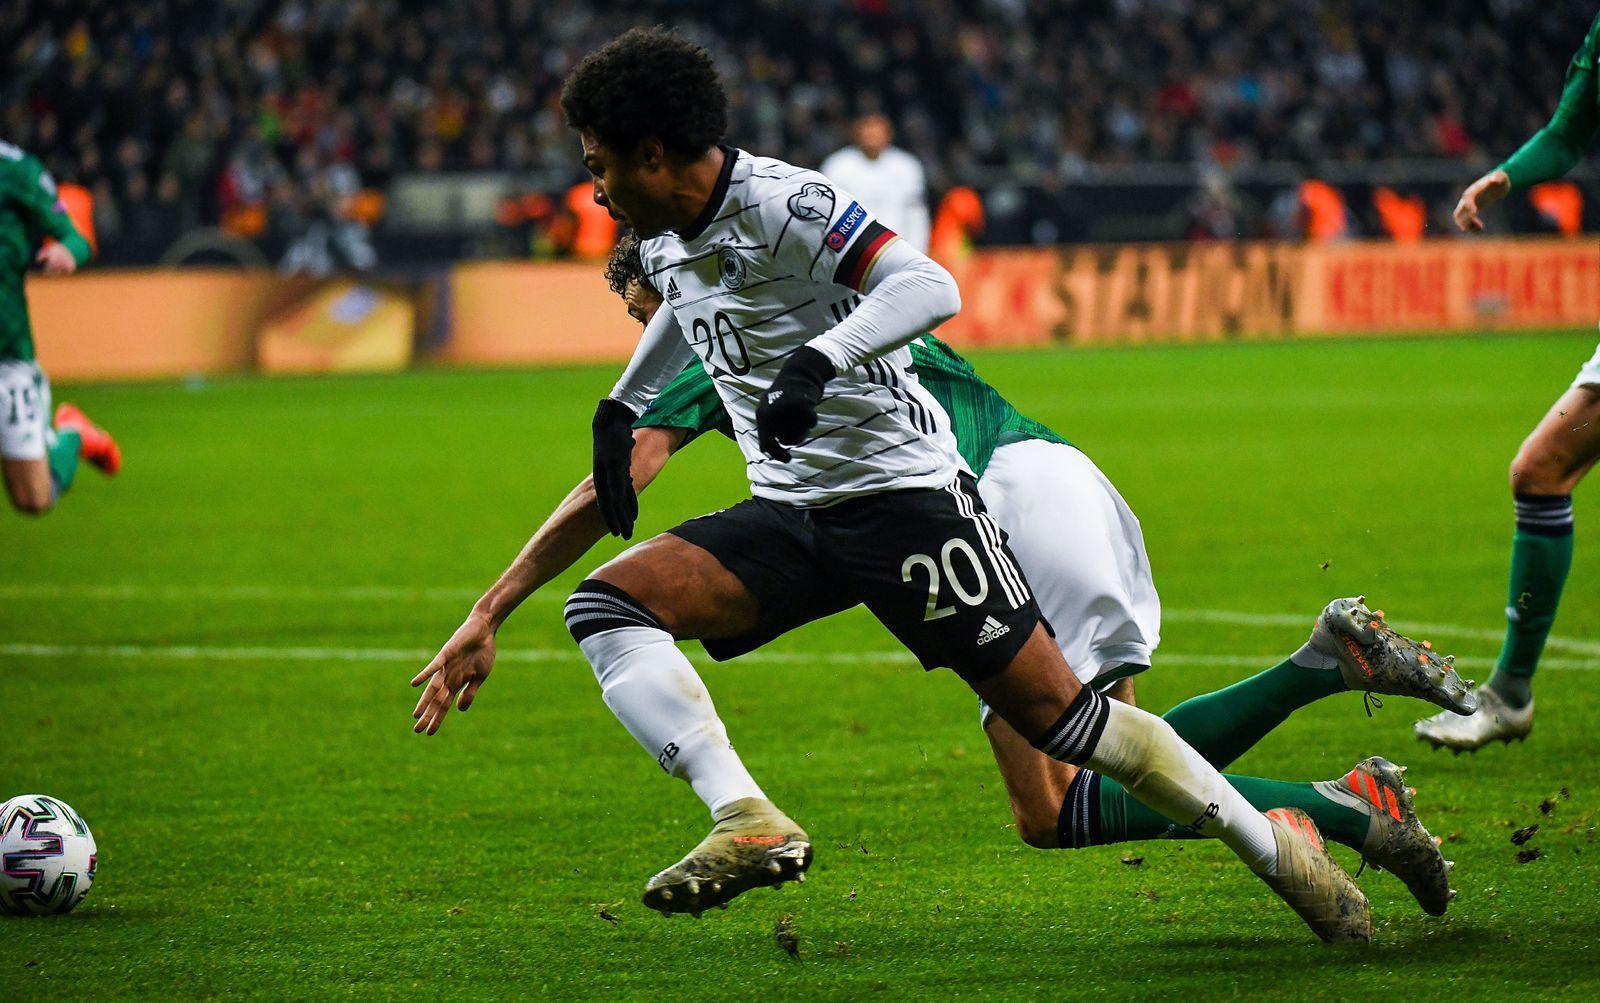 19.11.2019, xpsx, Fussball EM Qualifikation 2020, Deutschland - Nordirland v.l. Serge Gnabry (Deutsche Fussball Nationa